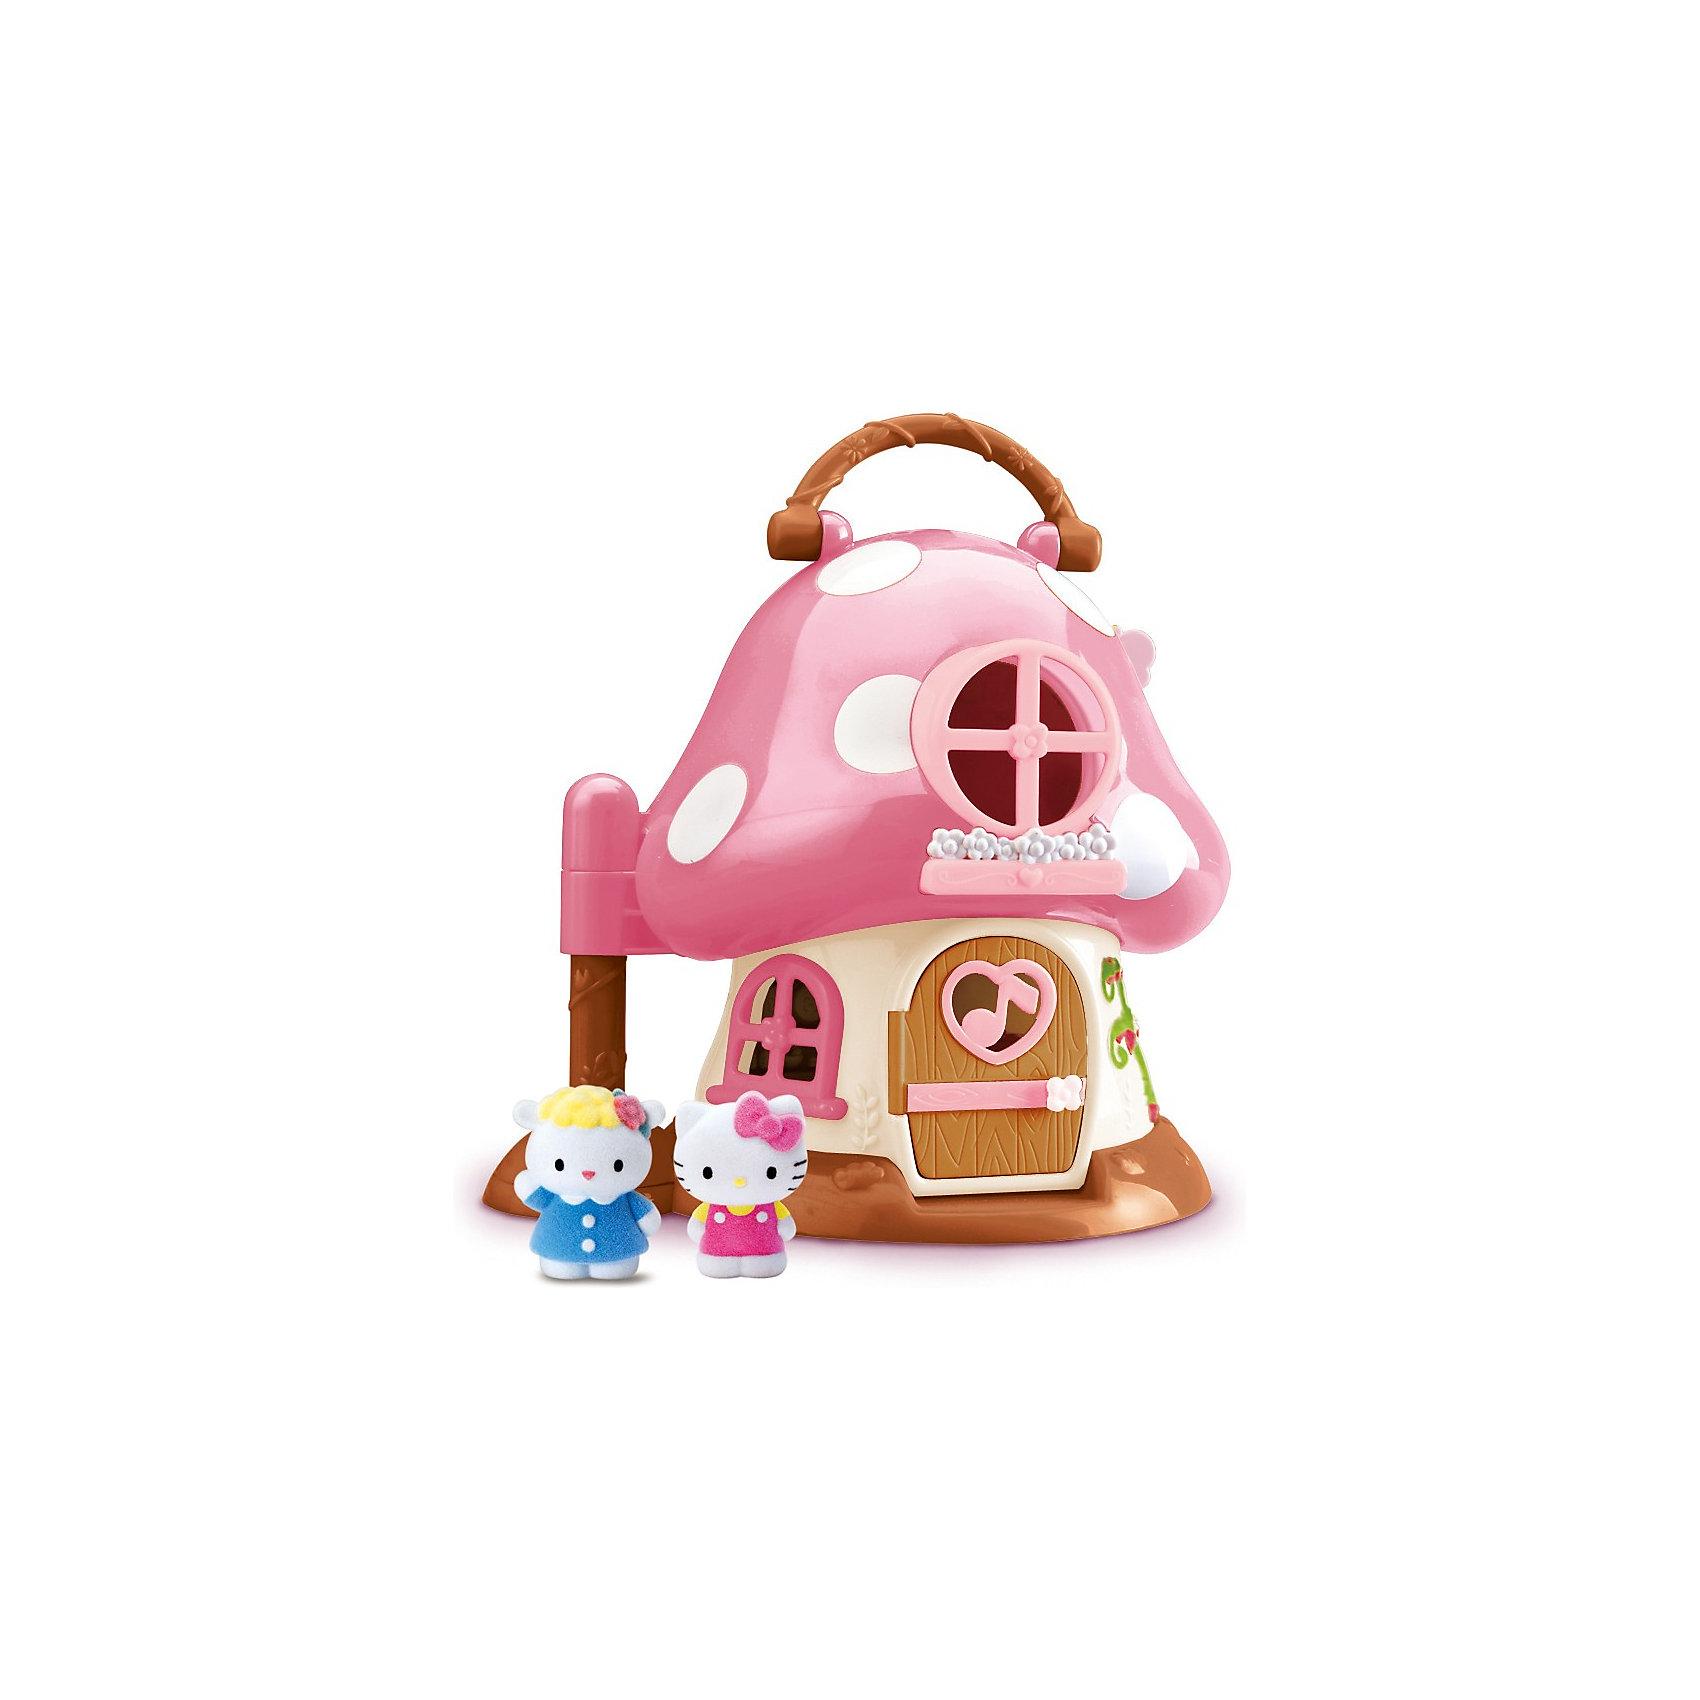 Уютный домик-грибочек Hello Kitty, Blue BoxУютный домик-грибочек Hello Kitty, Blue Box (Блю бокс) – это очаровательный домик для кошечки Китти и ее друзей.<br>Уютный домик из Велюровой коллекции(Vellutata) для кошечки Хелло Китти выполнен в форме грибочка. У грибочка сверху есть ручка, за которую ребенок сможет переносить домик вместе со всеми его обитателями. Домик раскрывается и перед нами предстает двухэтажное пространство домика, в котором есть все необходимое для жизни кошечки Китти и ее подруги – овечки Фифи. Розовая крыша домика сделана в виде шляпки гриба. На крыше есть круглое окошко. Внутри домика четыре комнаты. На первом этаже – кухня и гостиная. На кухне есть плита, мойка, и холодильник. Можно приготовить на плите в маленькой кастрюльке суп или пожарить в сковородочке омлет, а можно в духовке испечь тортик и устроить небольшой сладкий пир! В гостиной есть удобный диванчик и комод для вещей. На втором этаже располагаются спальня – с кроваткой, и кабинет, в котором стоит пианино со стульчиком. Кошечка Китти с удовольствием порадует слух своих друзей приятной музыкой, которую она разучила на днях. В набор также входят фигурки кошечки Китти и овечки Фифи, которые изготовлены из удивительного материала флок (велюр), бархатные на ощупь. Игрушка изготовлена из высококачественных материалов, которые совершенно безопасны для здоровья малышей.<br><br>Дополнительная информация:<br><br>- В наборе: домик, кровать, кровать, пианино, софа, комод, плита, книжная полка, кухня, фигурки Китти и Фифи<br>- Высота фигурок: 3,5 см.<br>- Раскладывающийся домик в виде грибочка имеет высоту 20 см и ширину 16 см в сложенном состоянии, в раскрытом виде соответственно 32см.<br>- Размер упаковки: 28x 18,5x 25,5 мм.<br><br>Уютный домик-грибочек Hello Kitty, Blue Box (Блю бокс) можно купить в нашем интернет-магазине.<br><br>Ширина мм: 280<br>Глубина мм: 185<br>Высота мм: 255<br>Вес г: 822<br>Возраст от месяцев: 36<br>Возраст до месяцев: 2147483647<br>Пол: Женский<br>Возраст: Детский<b